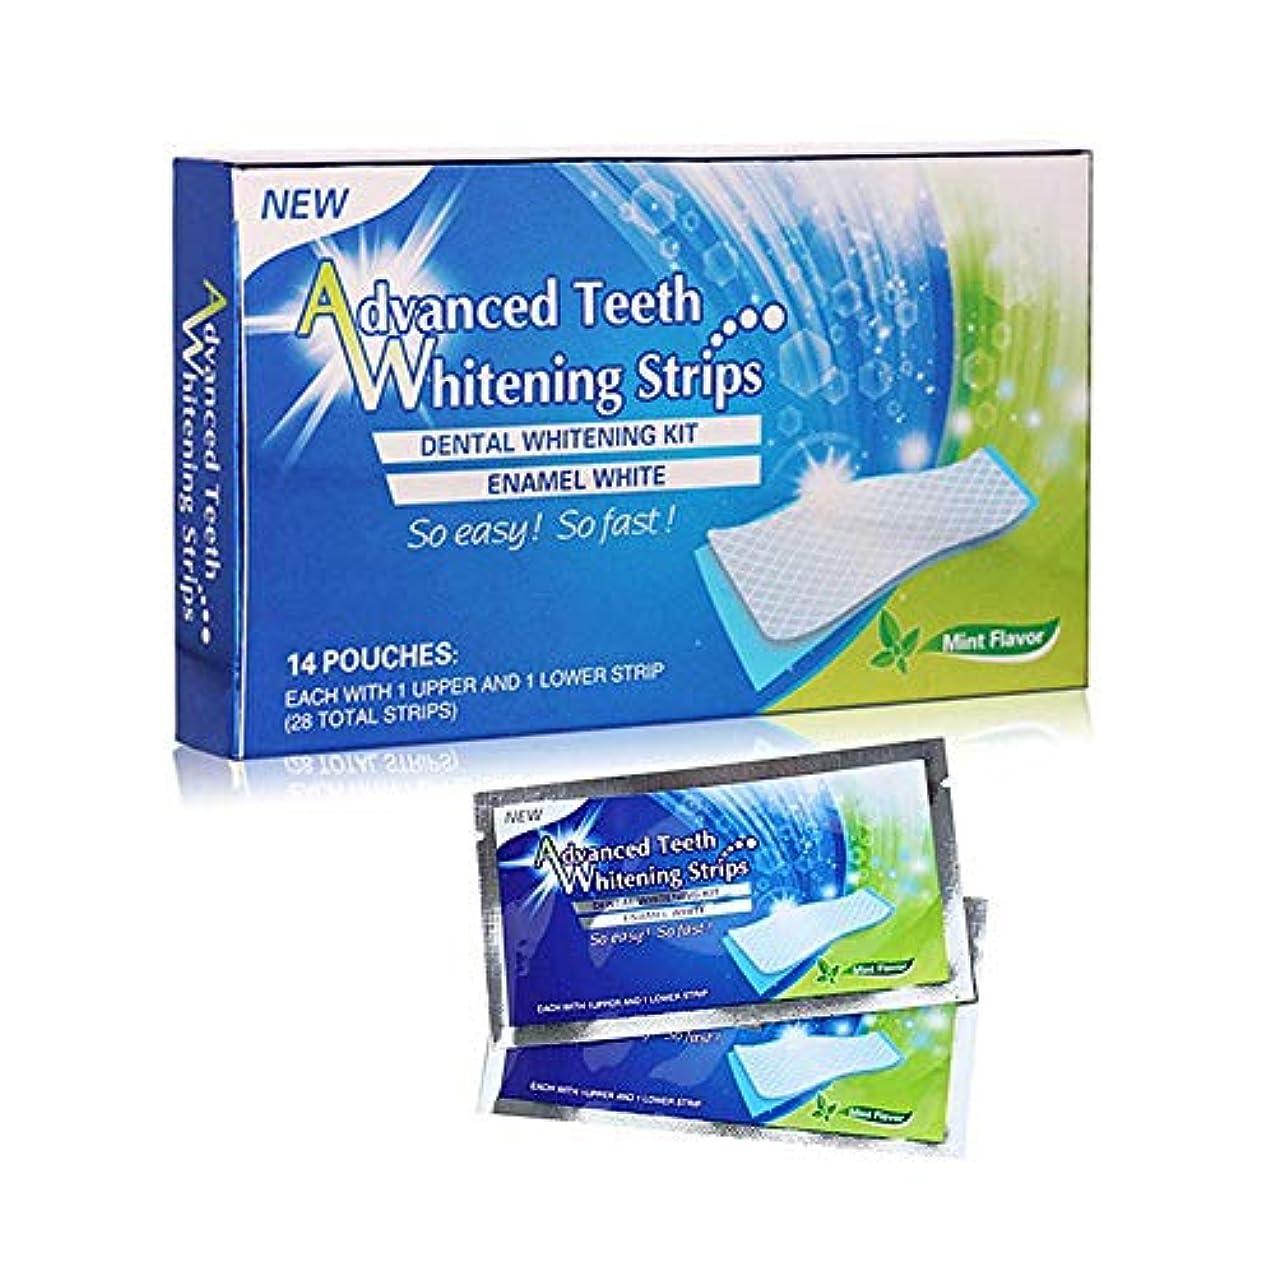 アウトドアプライム説明Volwco 28 PCS 歯ホワイトニングストリップ ホワイトニング 3Dホワイトシート 歯磨き 歯マニキュア 粘着性 耐久性 美白歯磨き 汚れ除去 口腔衛生管理 歯科用具